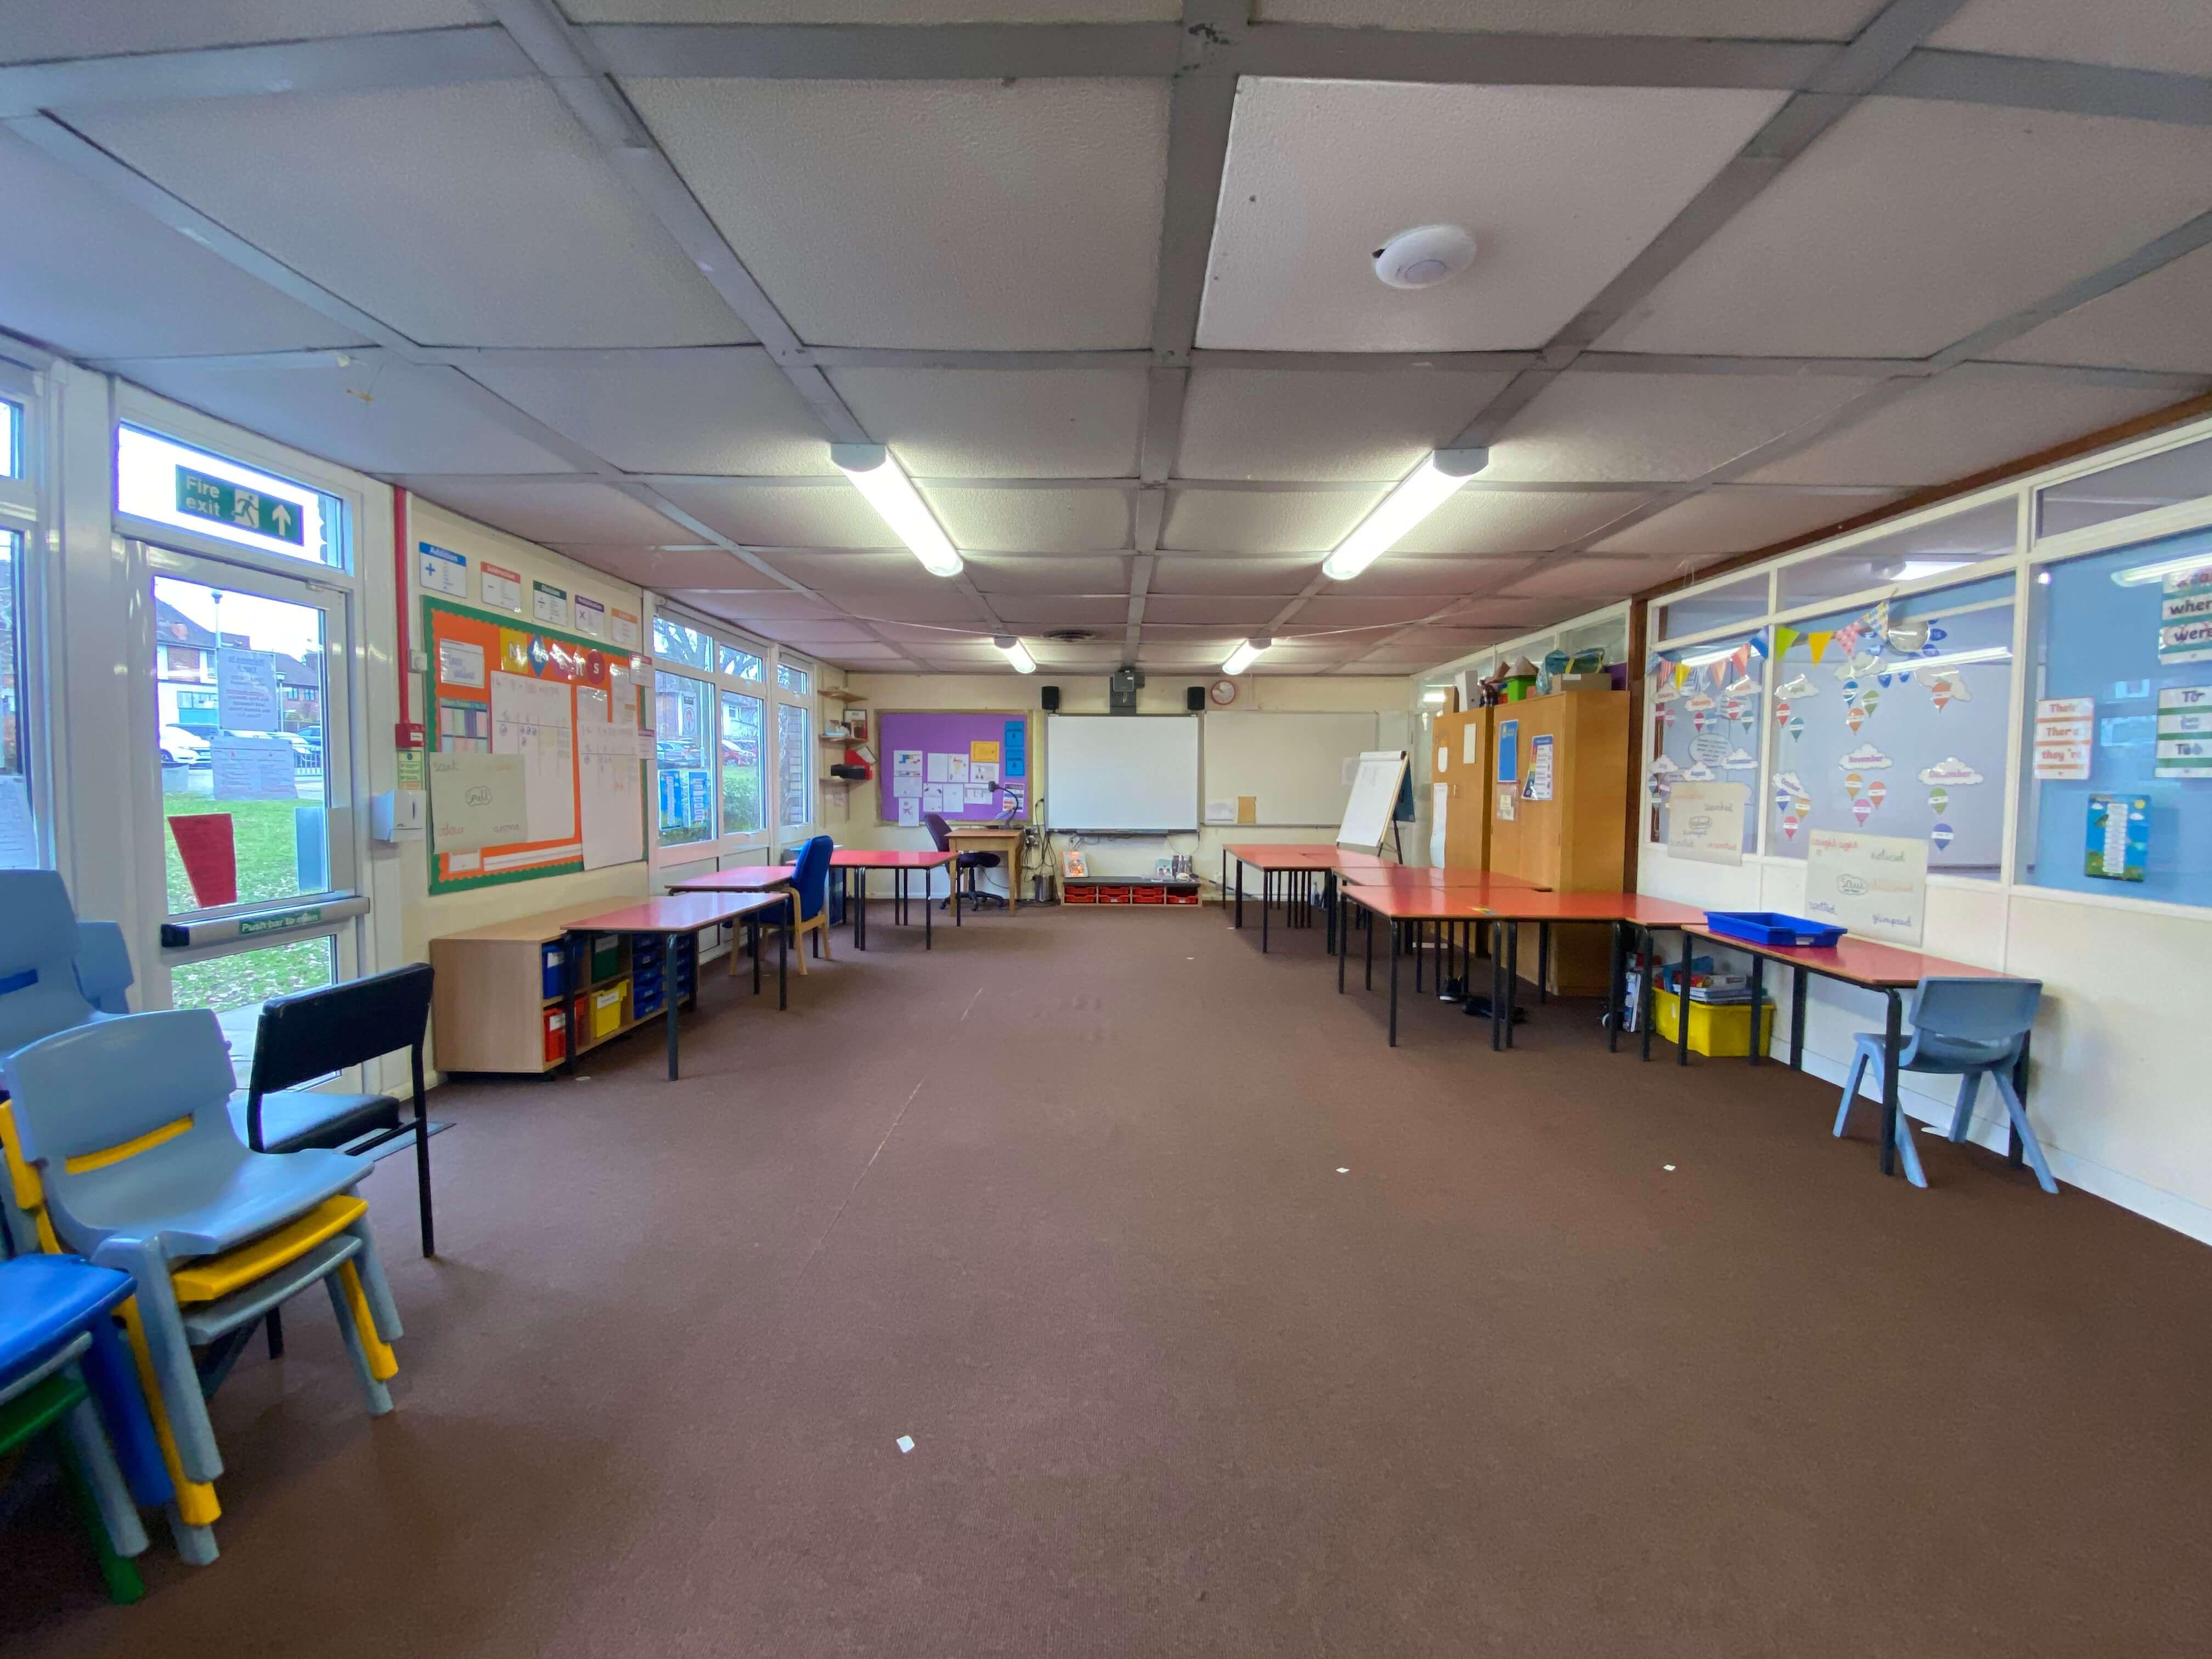 Chalgrove Primary School Classroom